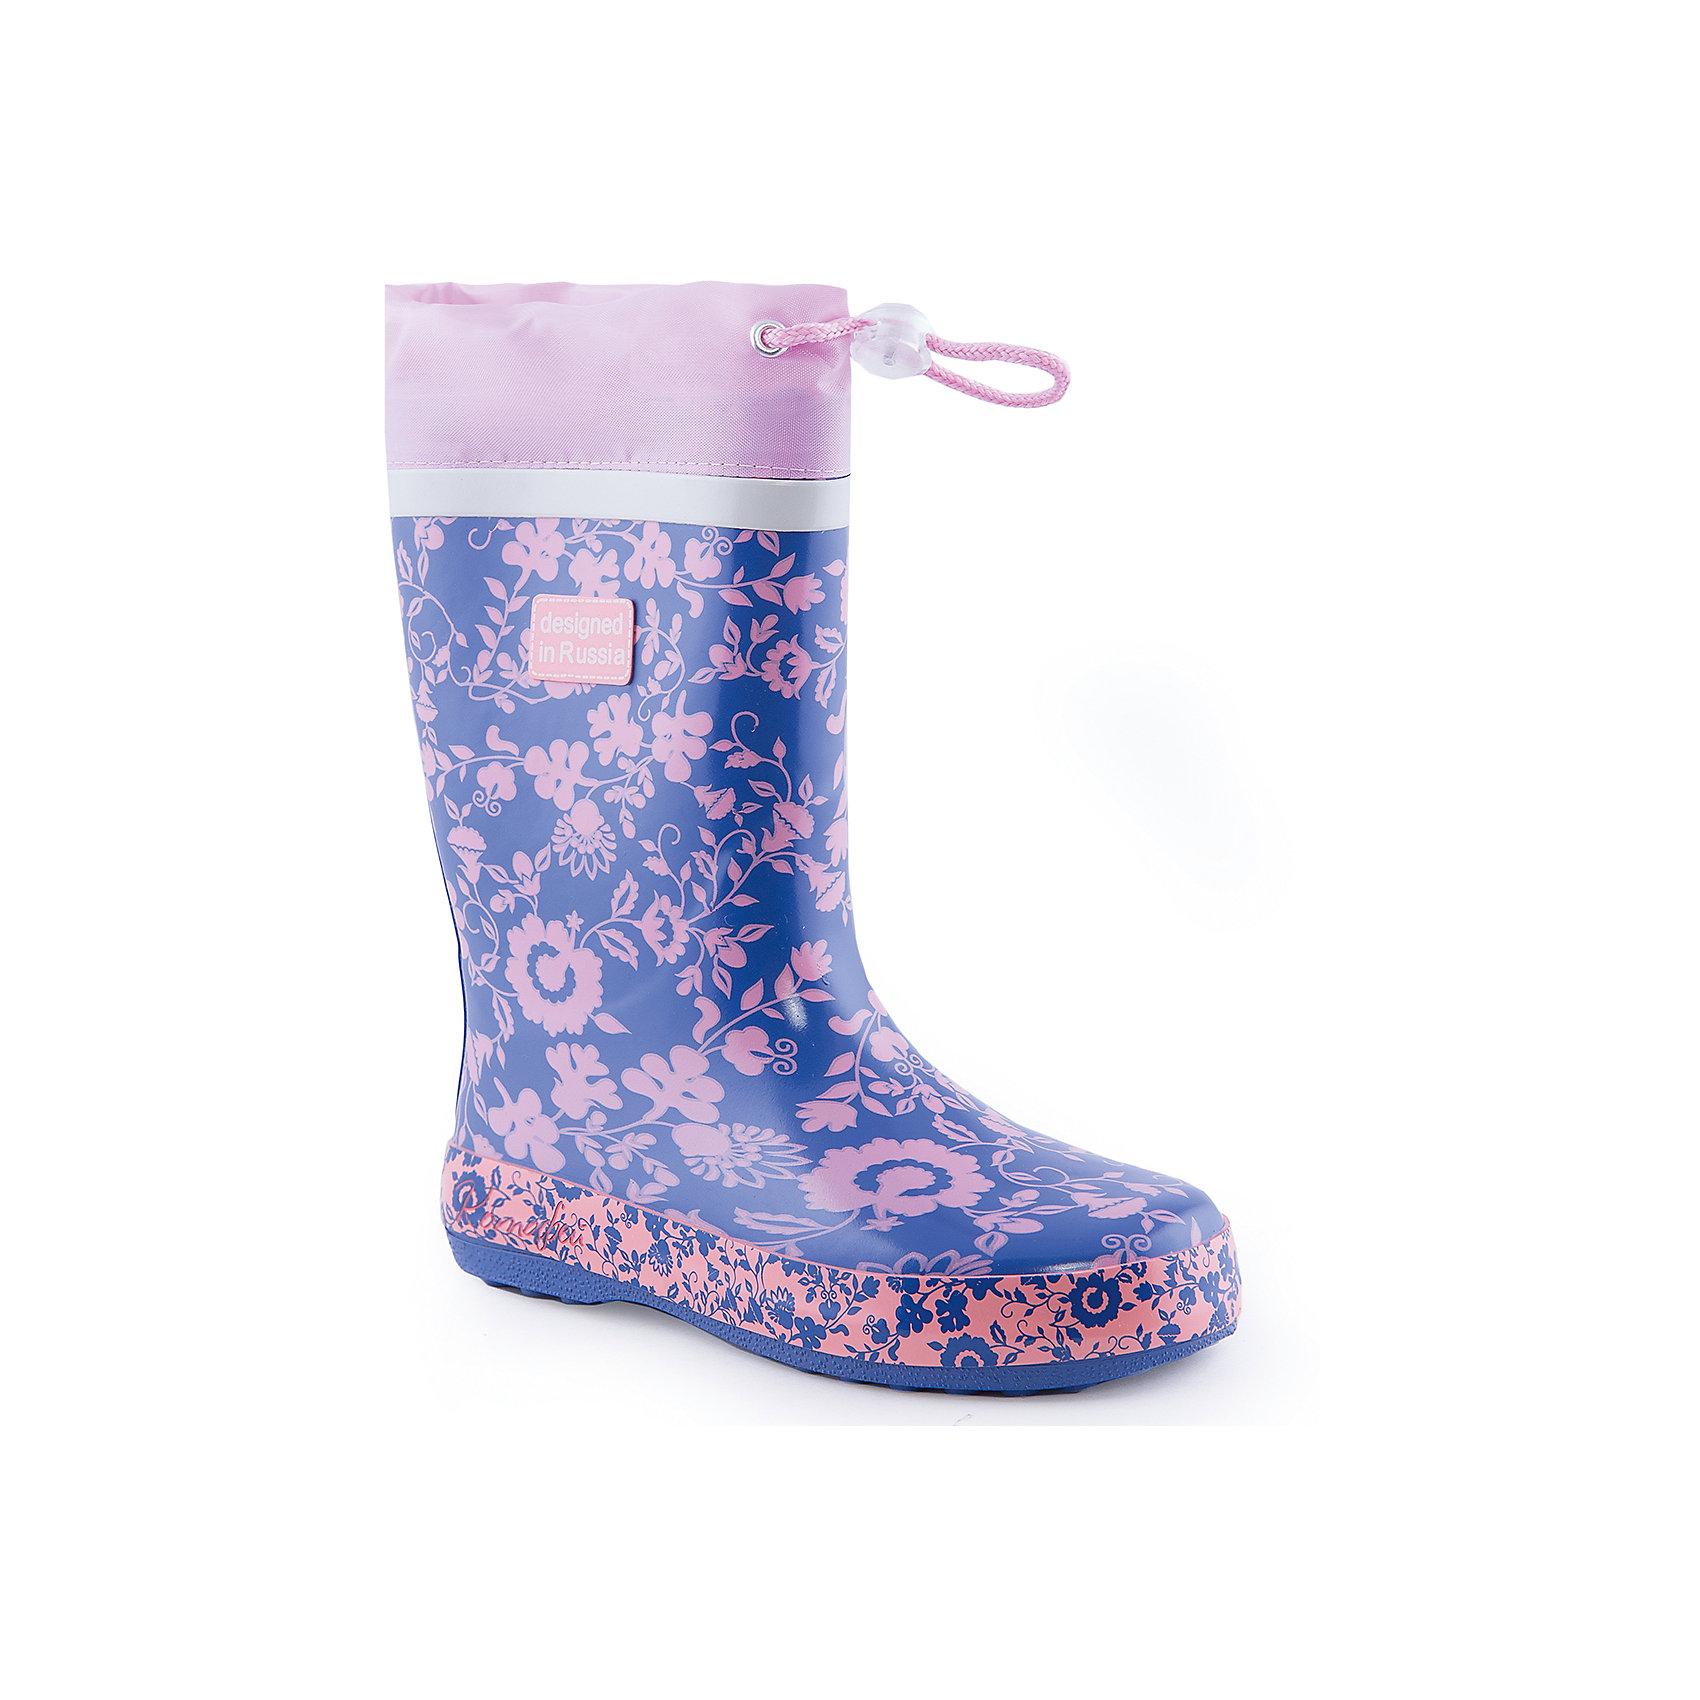 Резиновые сапоги для девочки КотофейРезиновые сапоги<br>Сапожки для девочки от известного российского бренда Котофей <br><br>Яркие модные сапоги сделаны из качественной резины. Они позволят защитить ноги ребенка от сырости.<br>Высокое голенище с утяжкой защитит одежду от грязи и влаги.<br><br>Отличительные особенности модели:<br><br>- цвет: розовый, синий;<br>- удобная колодка;<br>- утяжка со стоппером на голенище;<br>- качественные материалы;<br>- толстая устойчивая подошва;<br>- сделаны с помощью горячей вулканизации;<br>- текстильная подкладка;<br>- декорированы принтом.<br><br>Дополнительная информация:<br><br>Температурный режим: от +5° С до +25° С.<br><br>Состав:<br>верх - резина;<br>подкладка - текстиль;<br>подошва - резина.<br><br>Сапожки для девочки Котофей можно купить в нашем магазине.<br><br>Ширина мм: 257<br>Глубина мм: 180<br>Высота мм: 130<br>Вес г: 420<br>Цвет: синий<br>Возраст от месяцев: 72<br>Возраст до месяцев: 84<br>Пол: Женский<br>Возраст: Детский<br>Размер: 30,31,35,34,33,32<br>SKU: 4565906